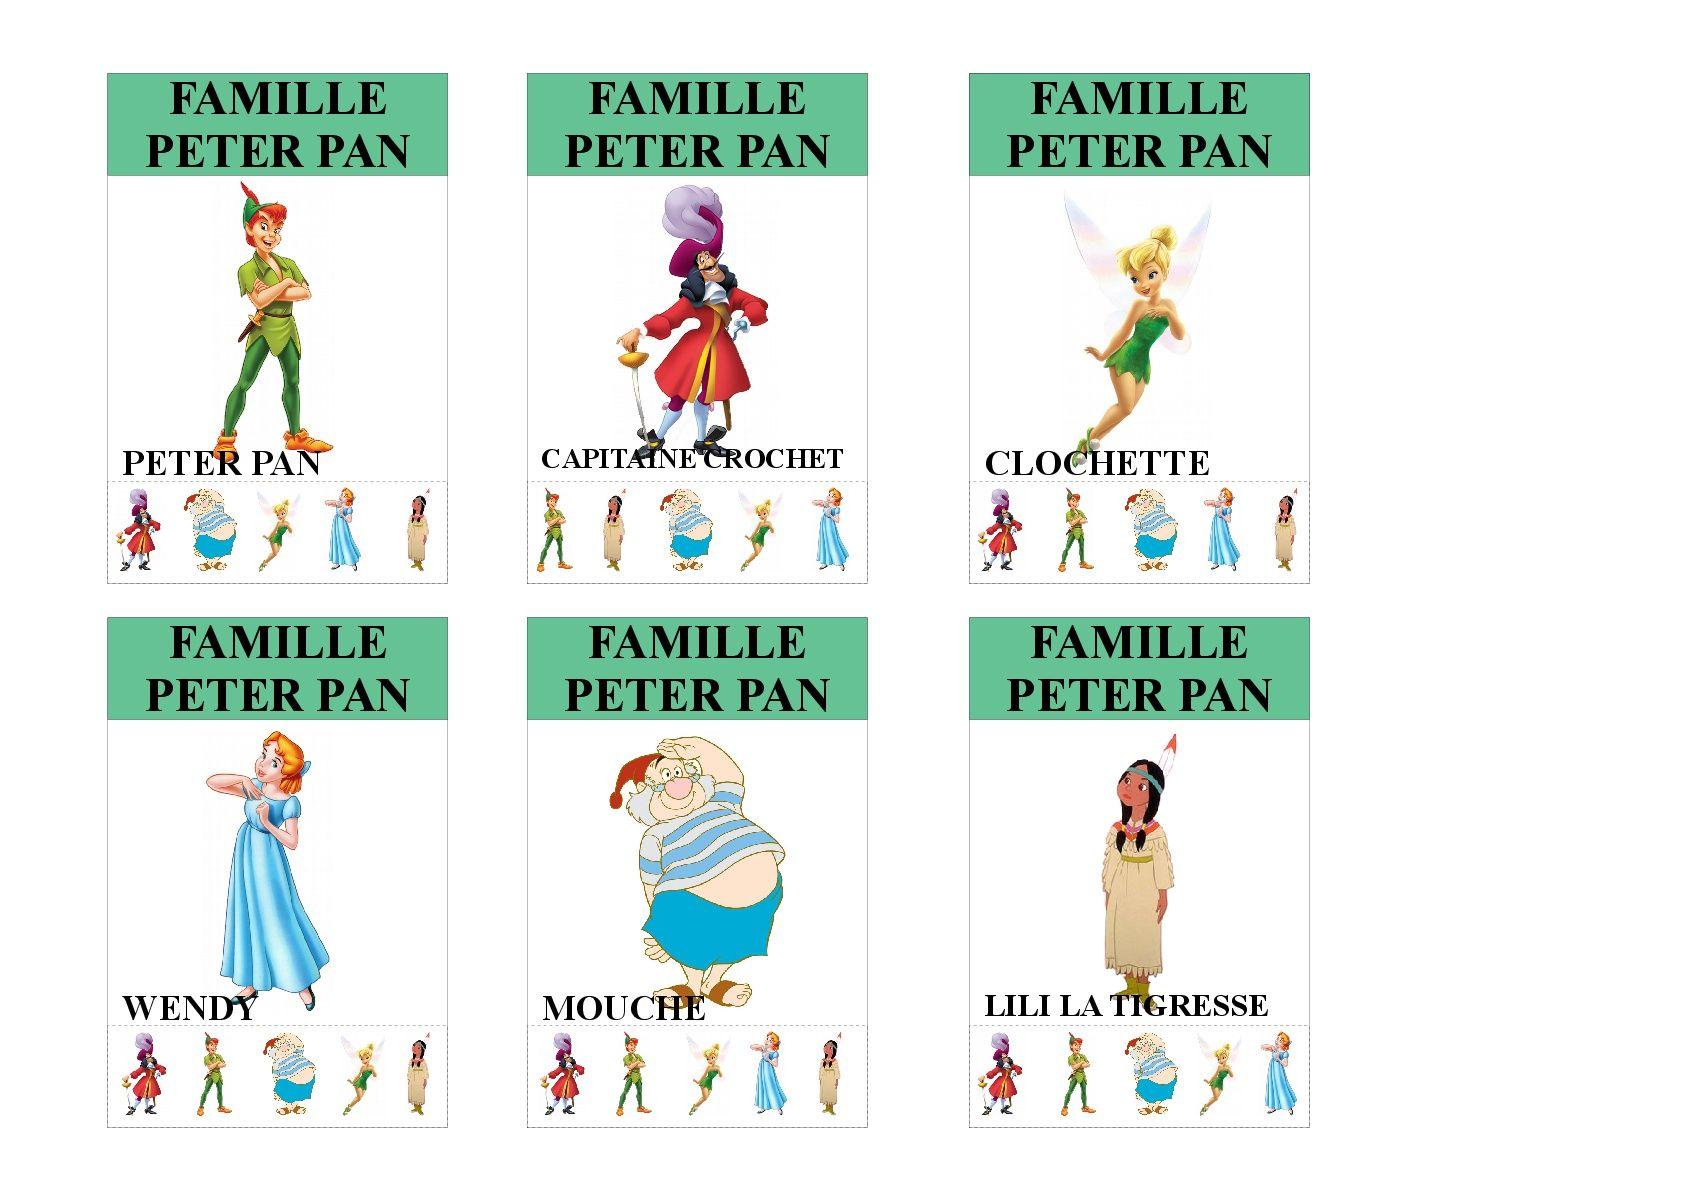 Epingle Par Graziella Raepsaet Sur Jeux Des 7 Familles Jeux Des 7 Familles Famille Disney Idee De Jeux